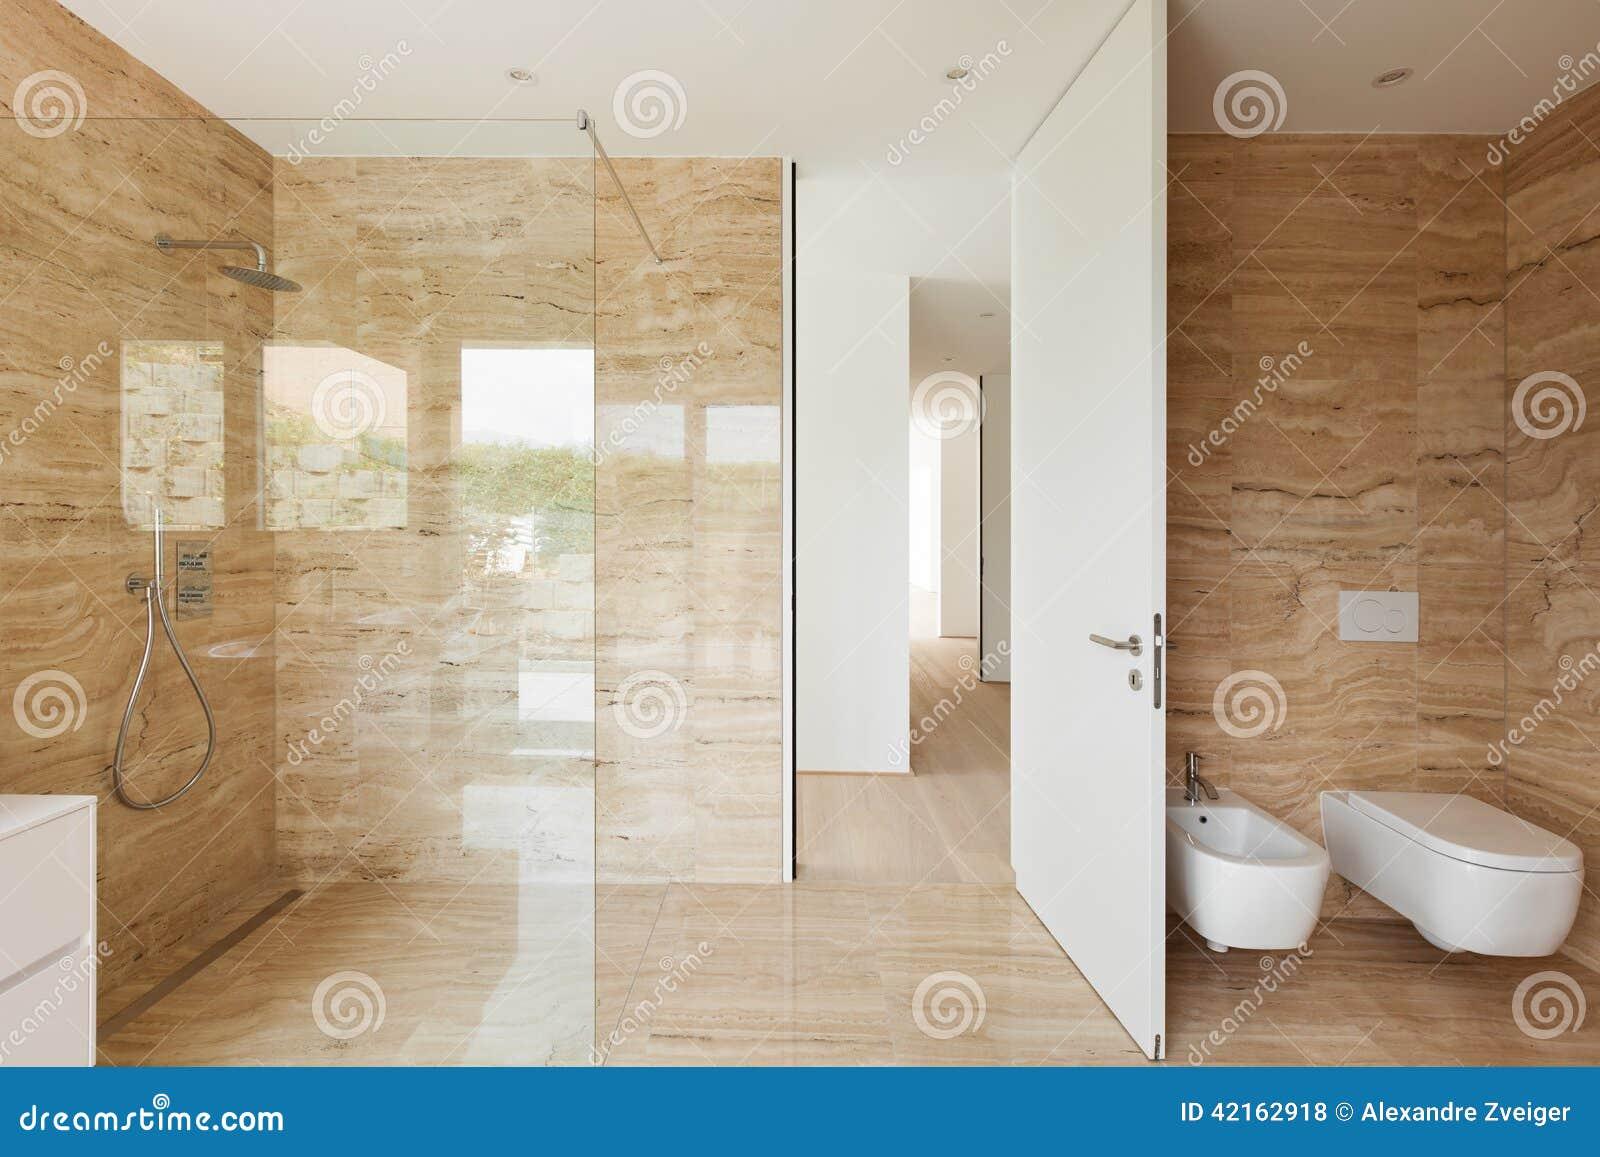 Sala Da Bagno Moderna : Stanza da bagno moderna fotografia stock. immagine di piano 42162918